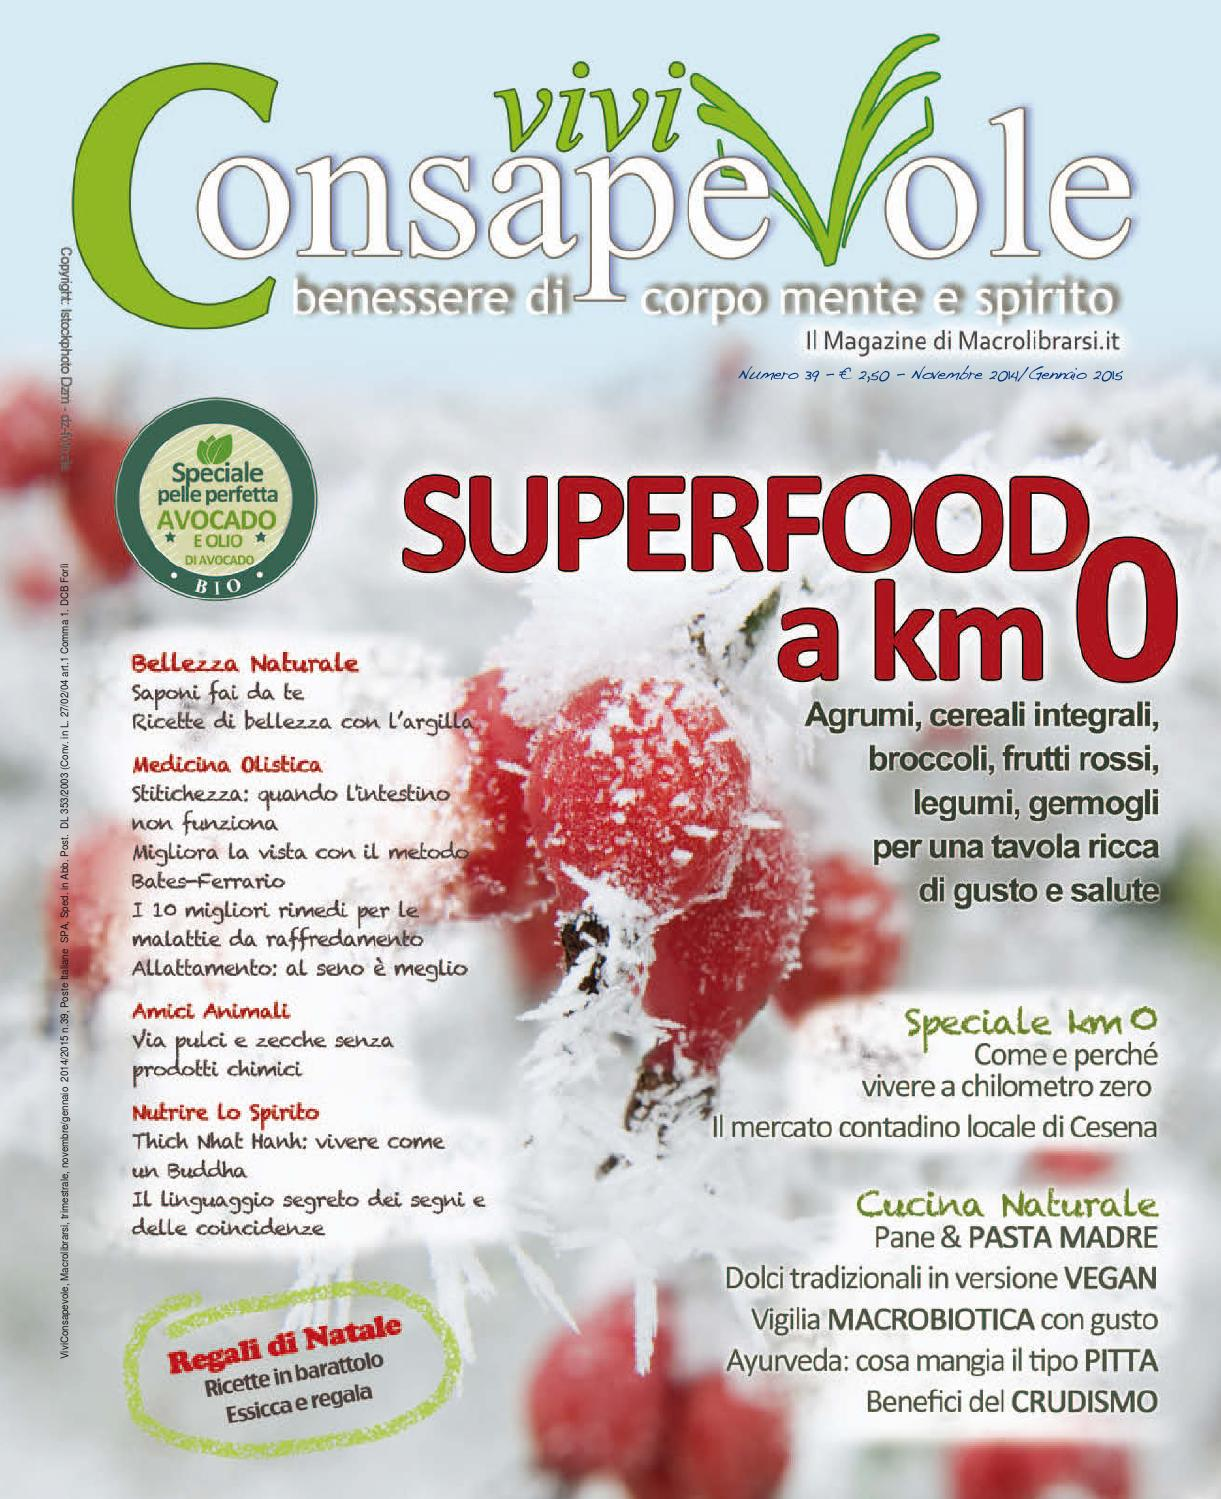 Vivi Consapevole 39 - Lato rivista by Macrolibrarsi - issuu 5880433a42e